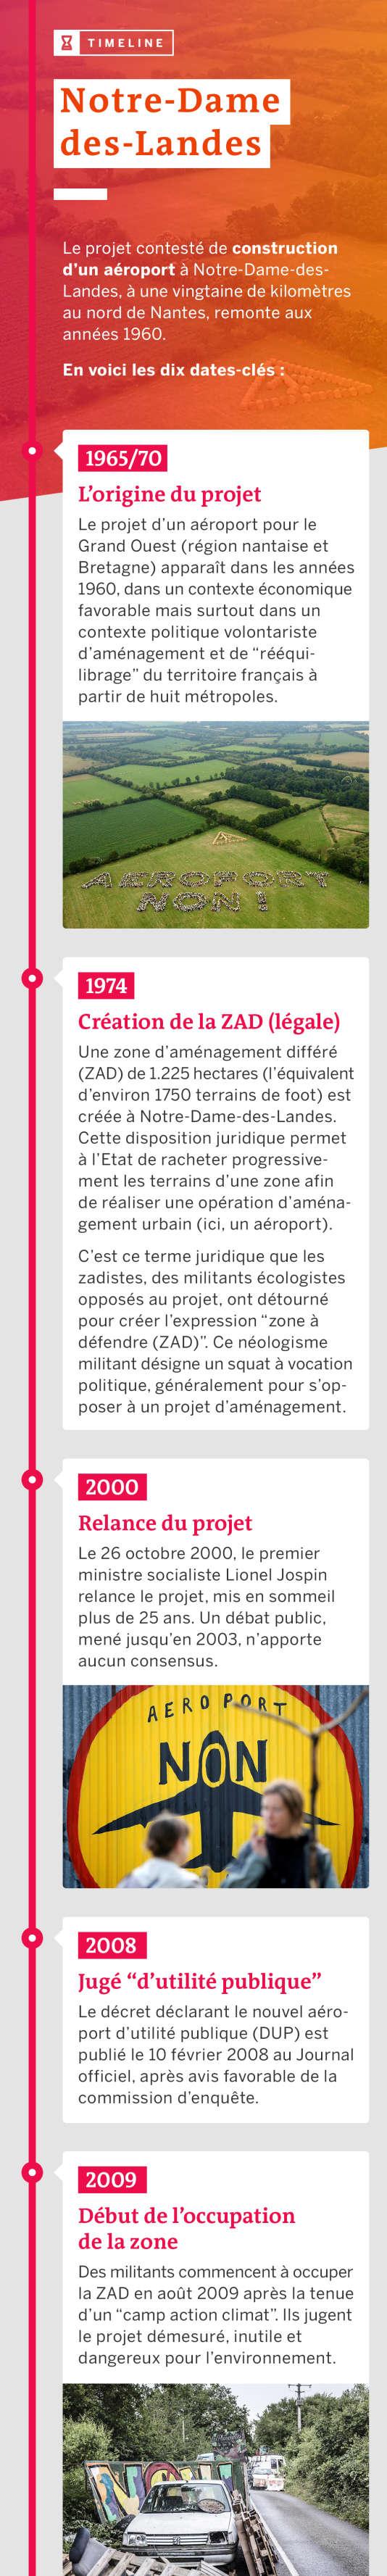 Notre-Dame-des-Landes: 50 ans d'un projet d'aéroport critiqué résumés en 10 dates-clés